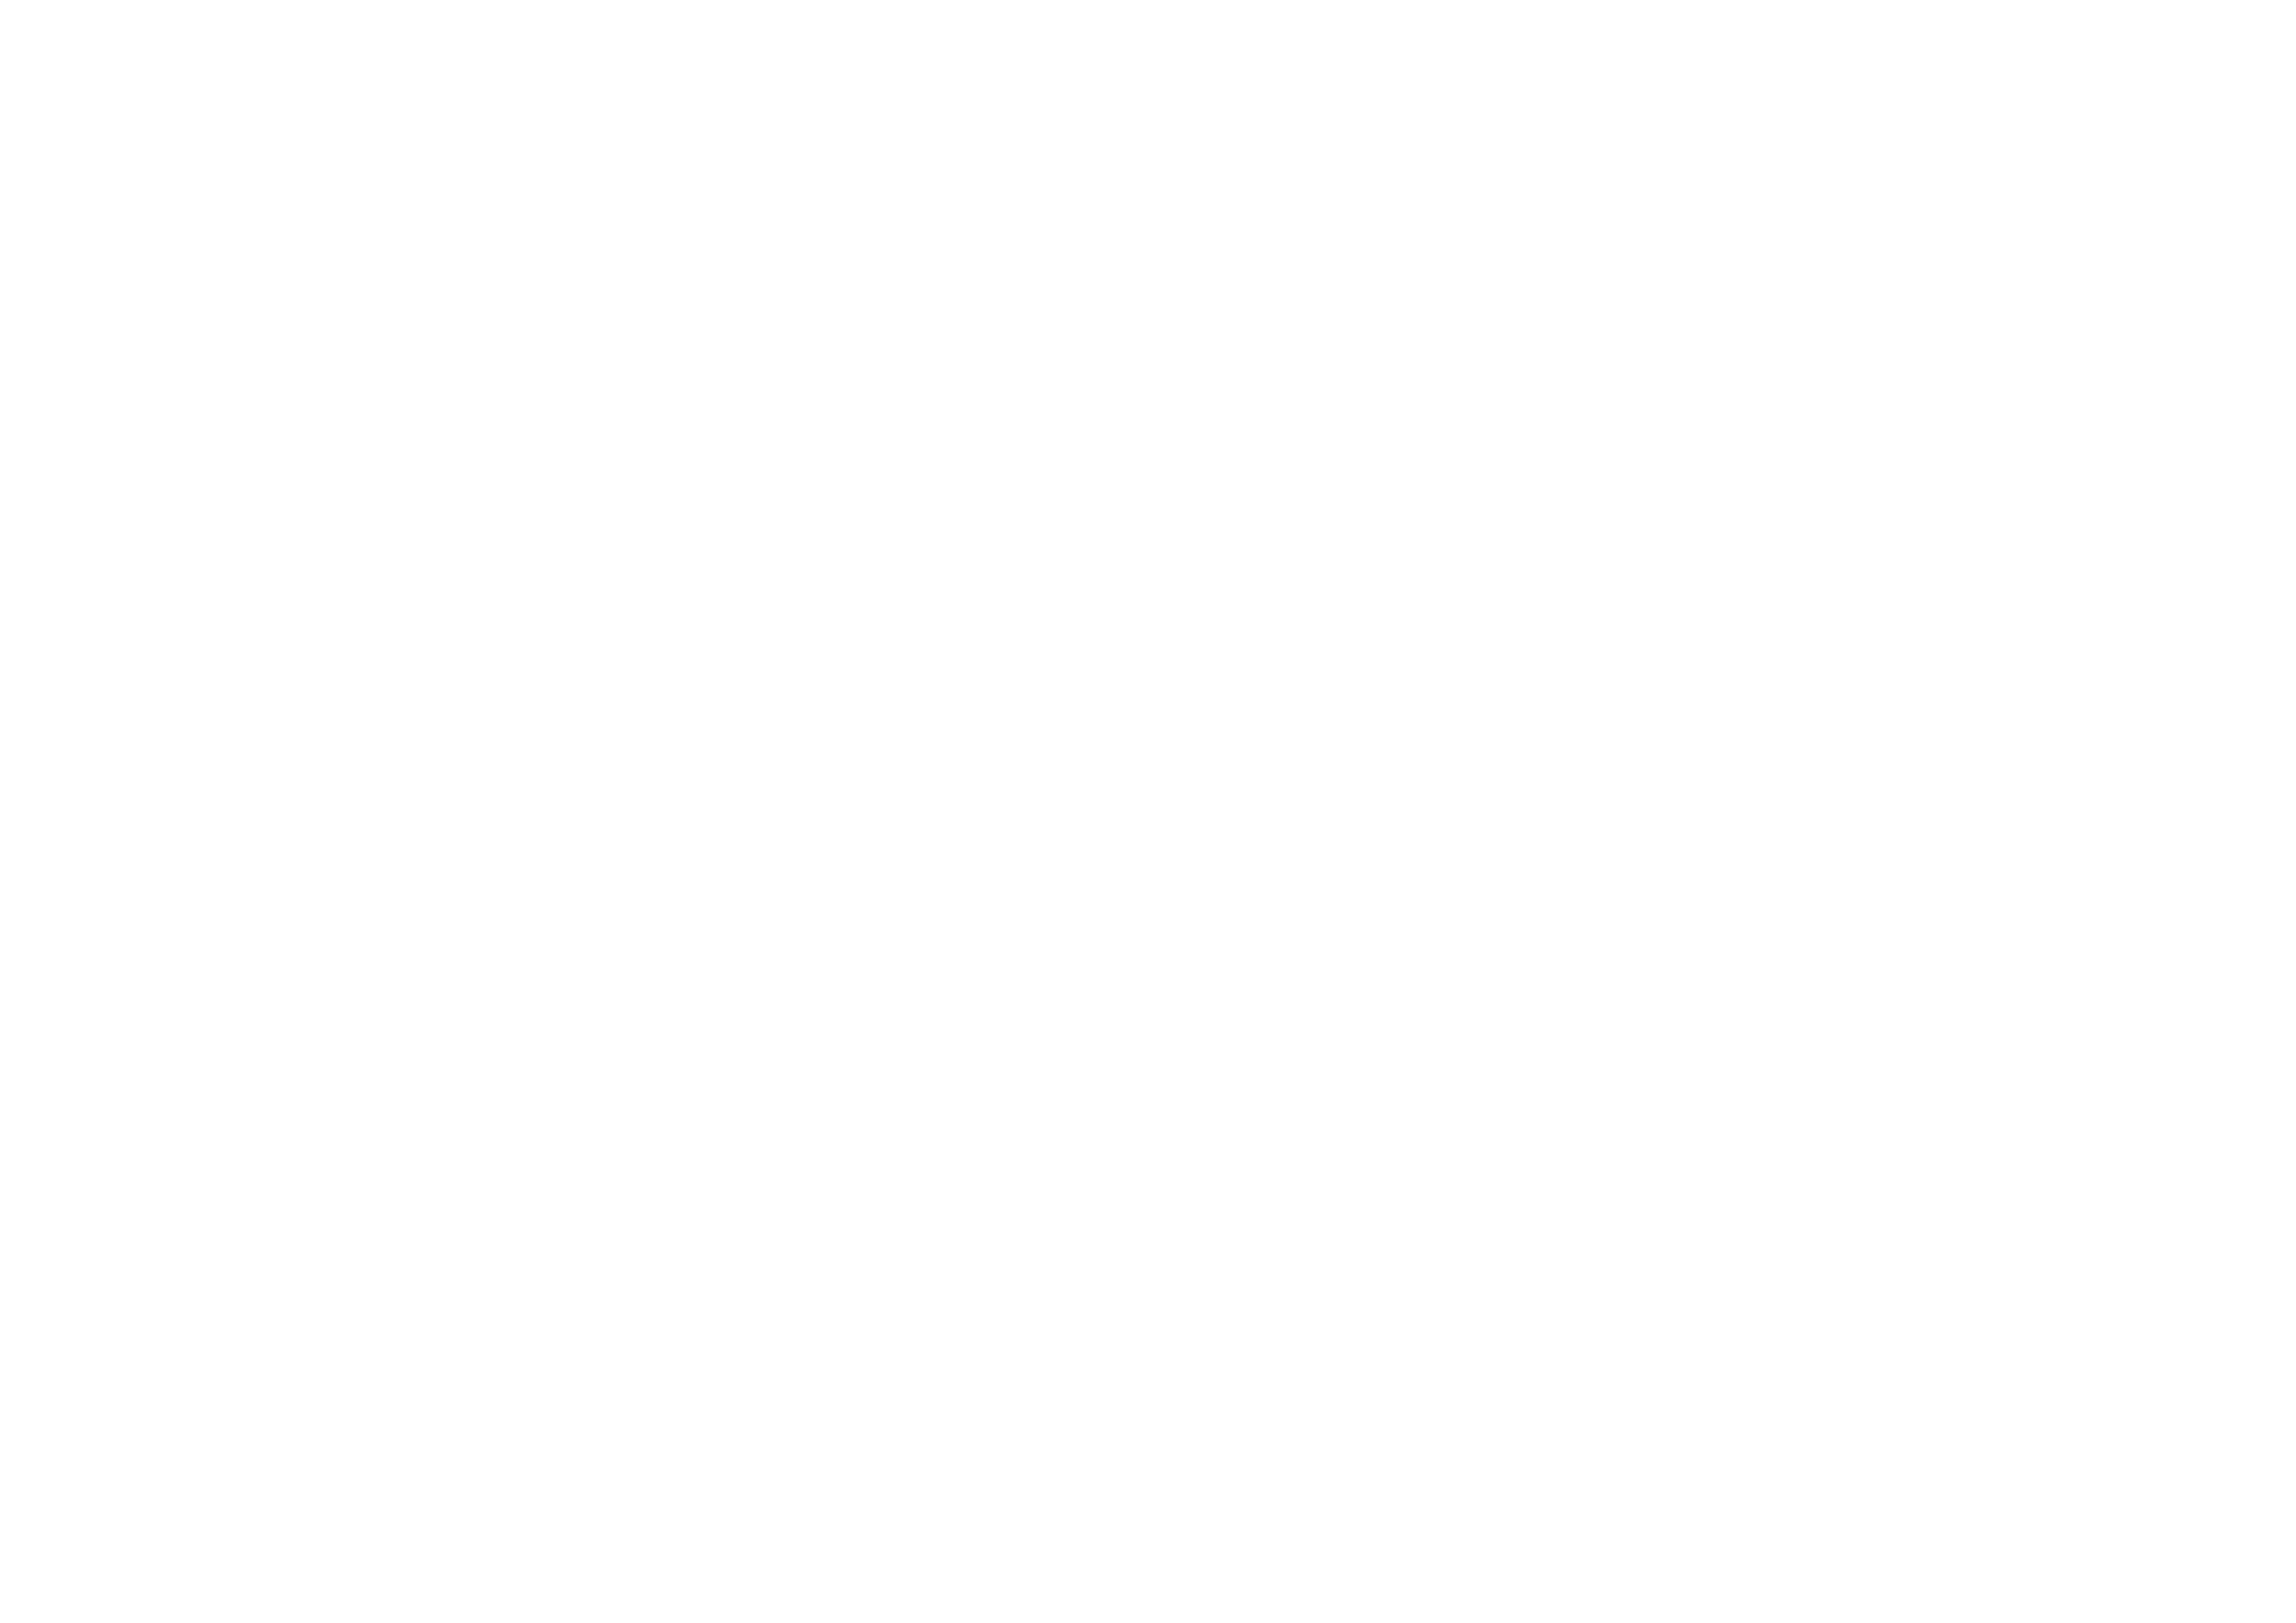 dunelm logo white